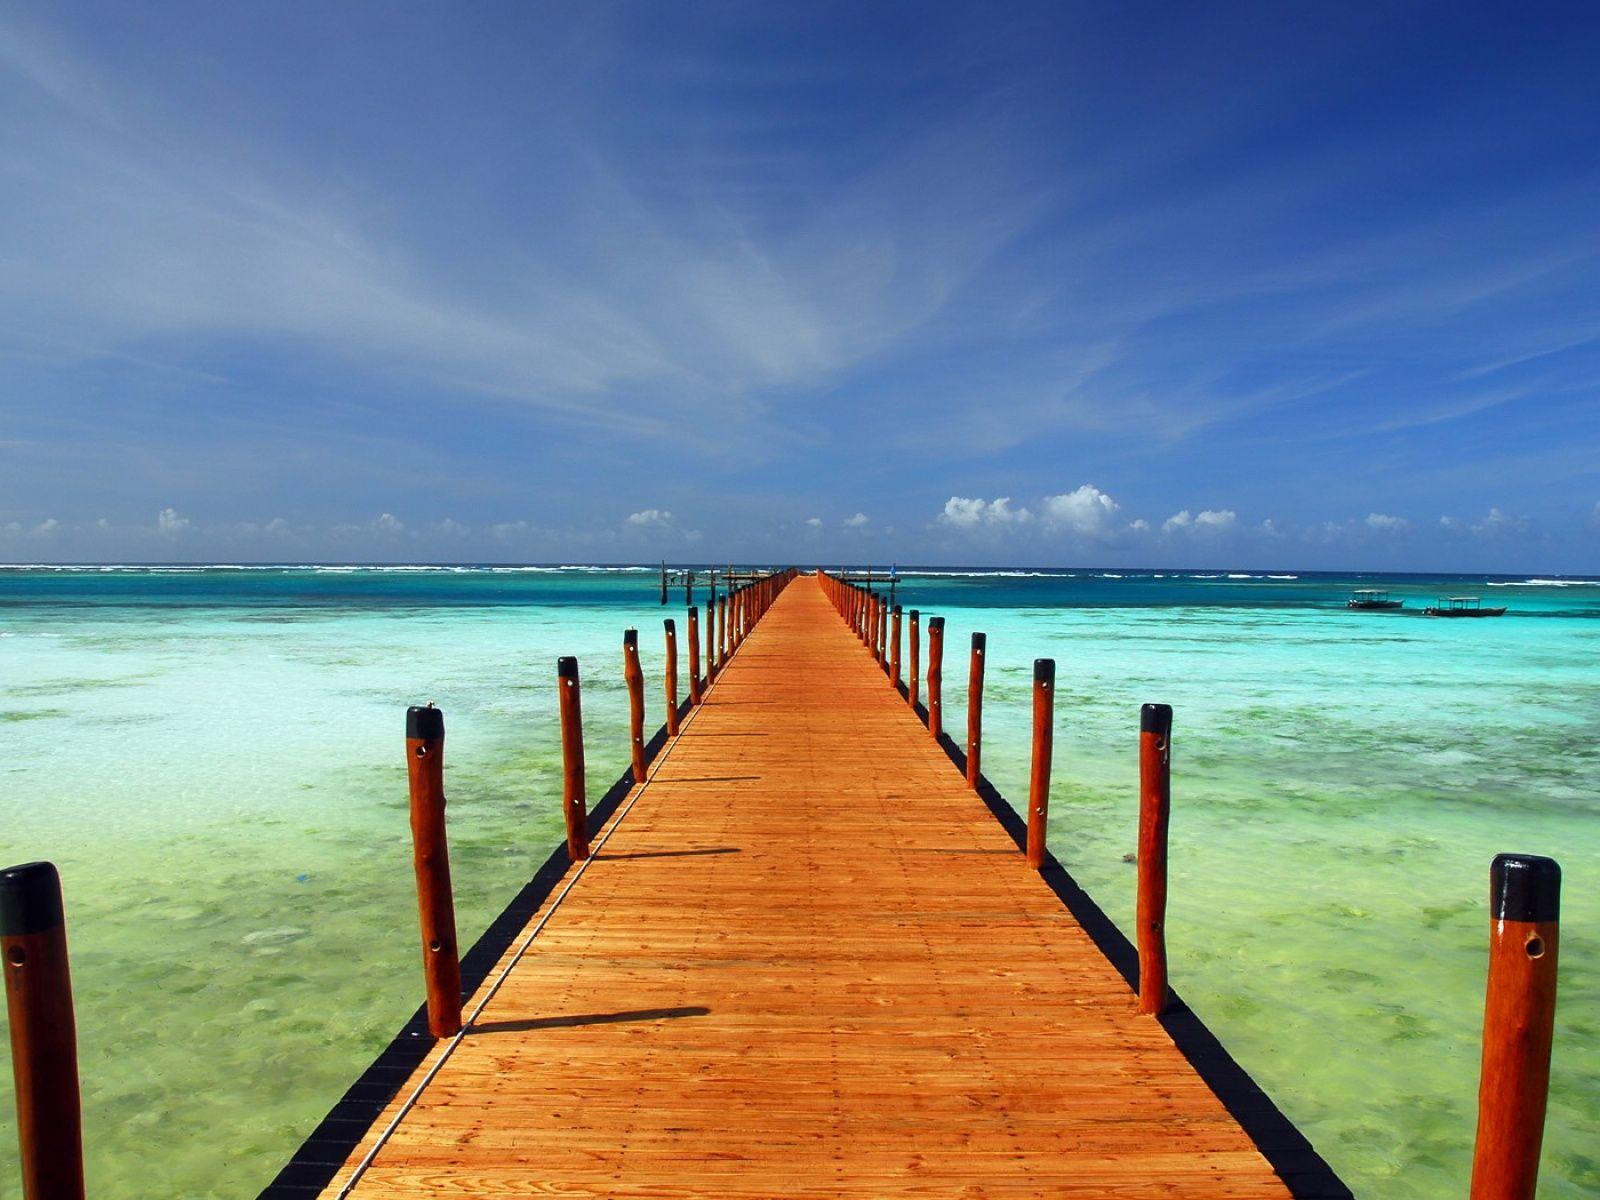 Fond d'ecran Ponton mer Turquoise | Paysage ciel, Fond d'écran ciel, Paysage